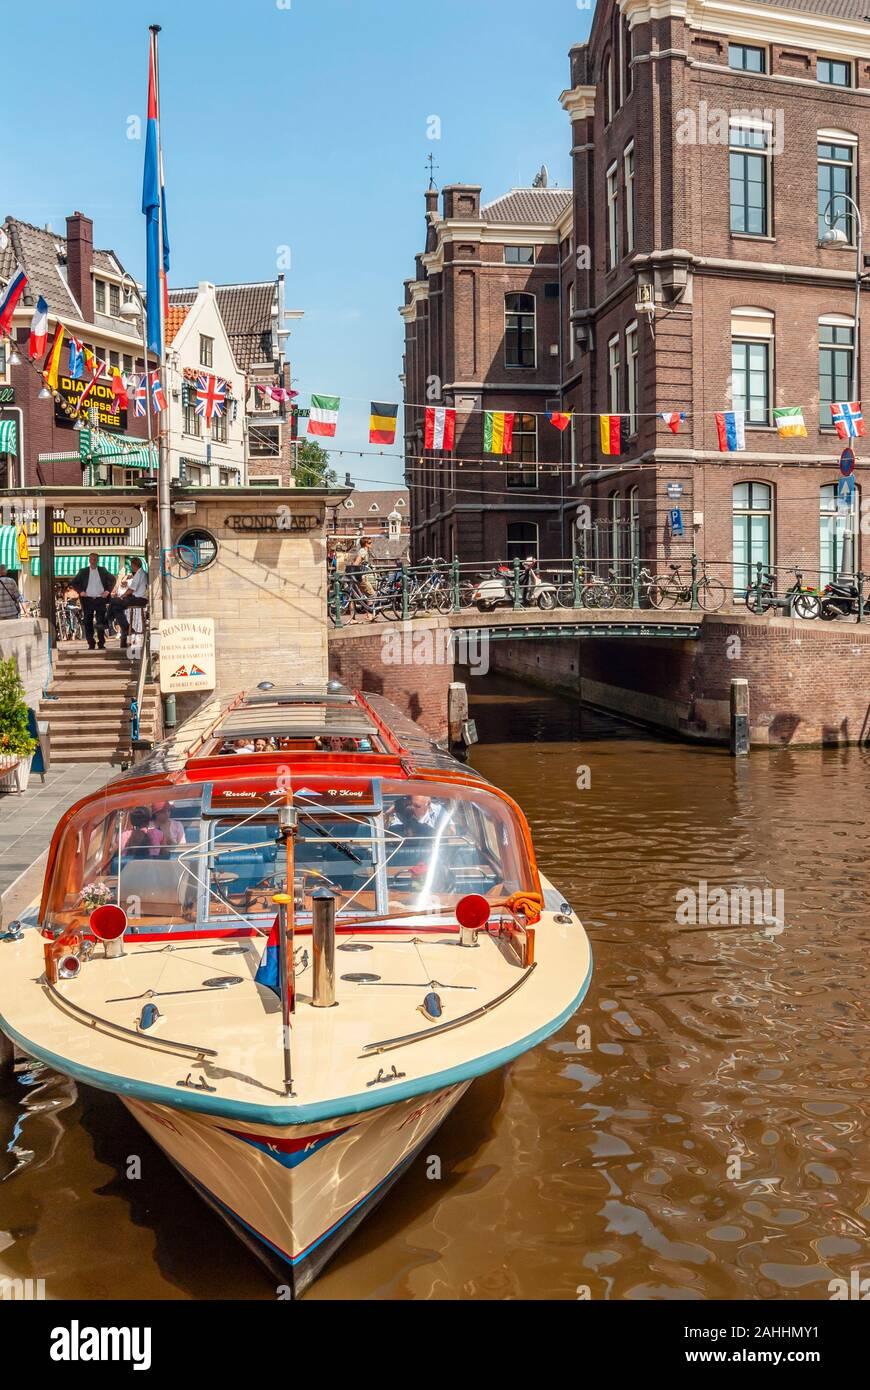 Des bateaux touristiques typiques dans un canal d'eau dans le centre-ville d'Amsterdam, Pays-Bas Banque D'Images